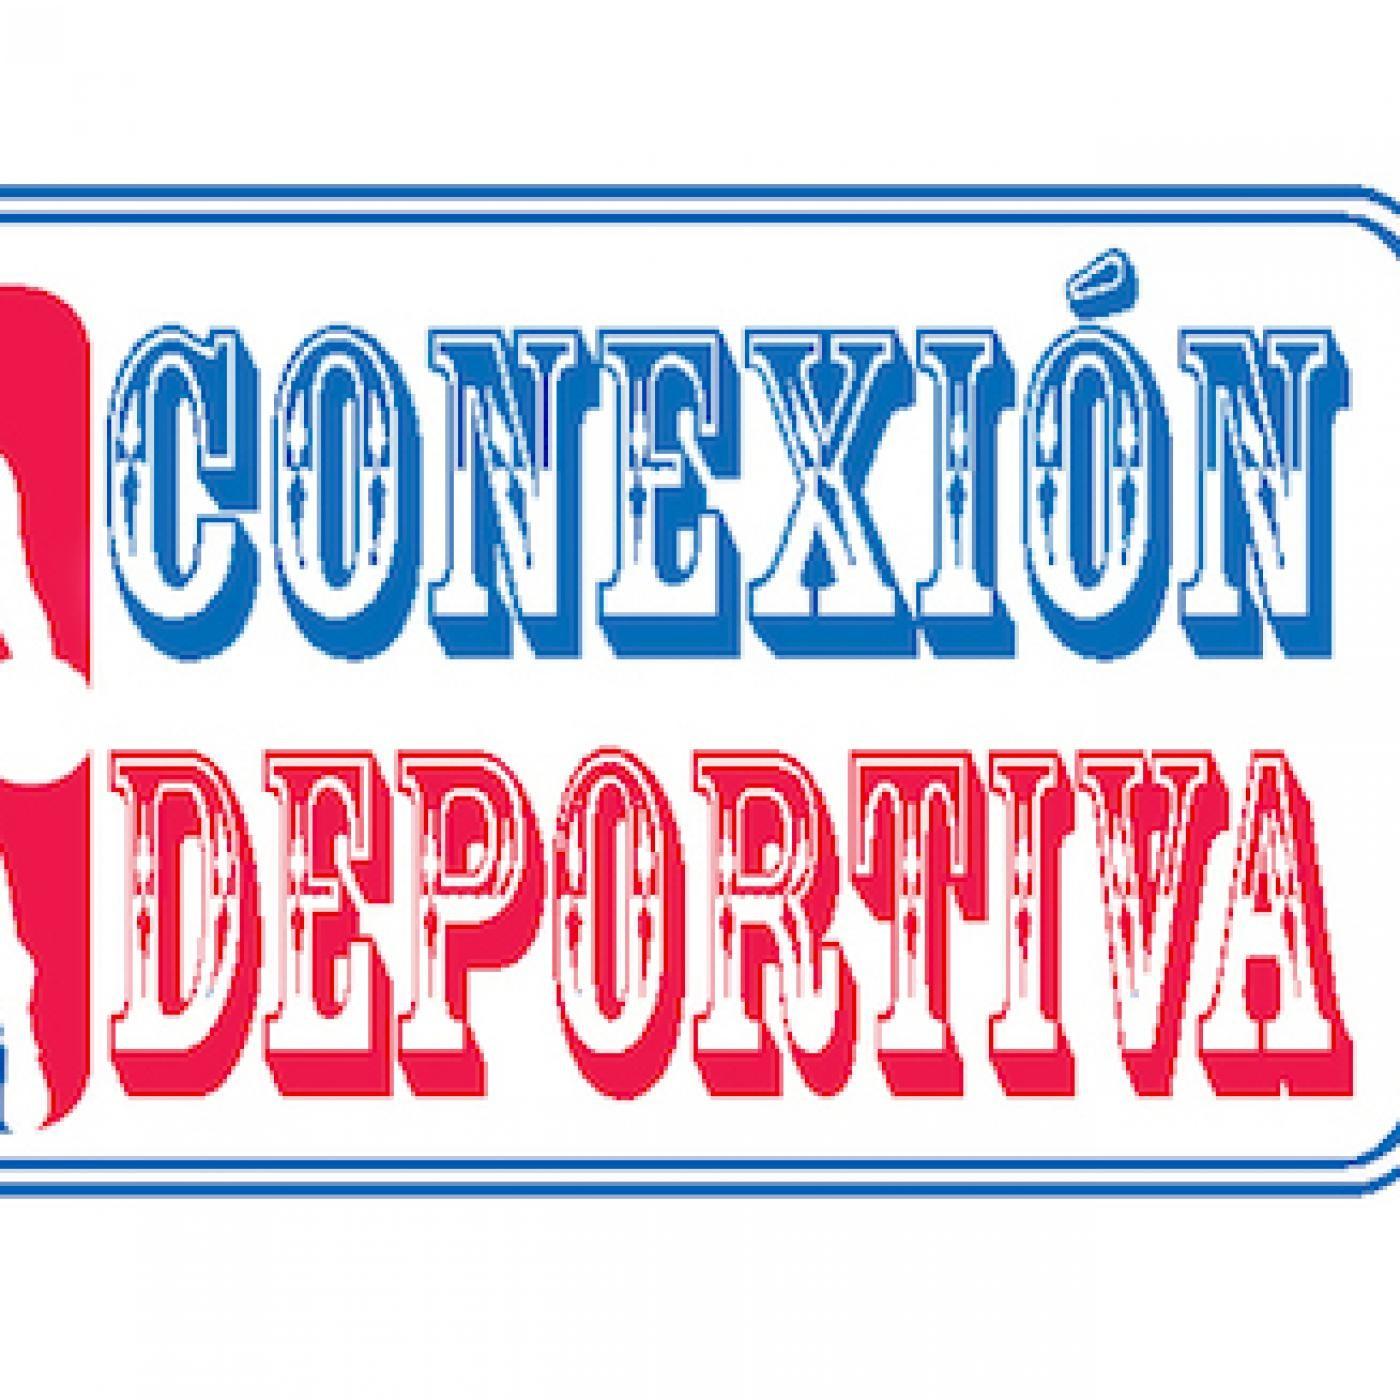 <![CDATA[Conexión Deportiva]]>